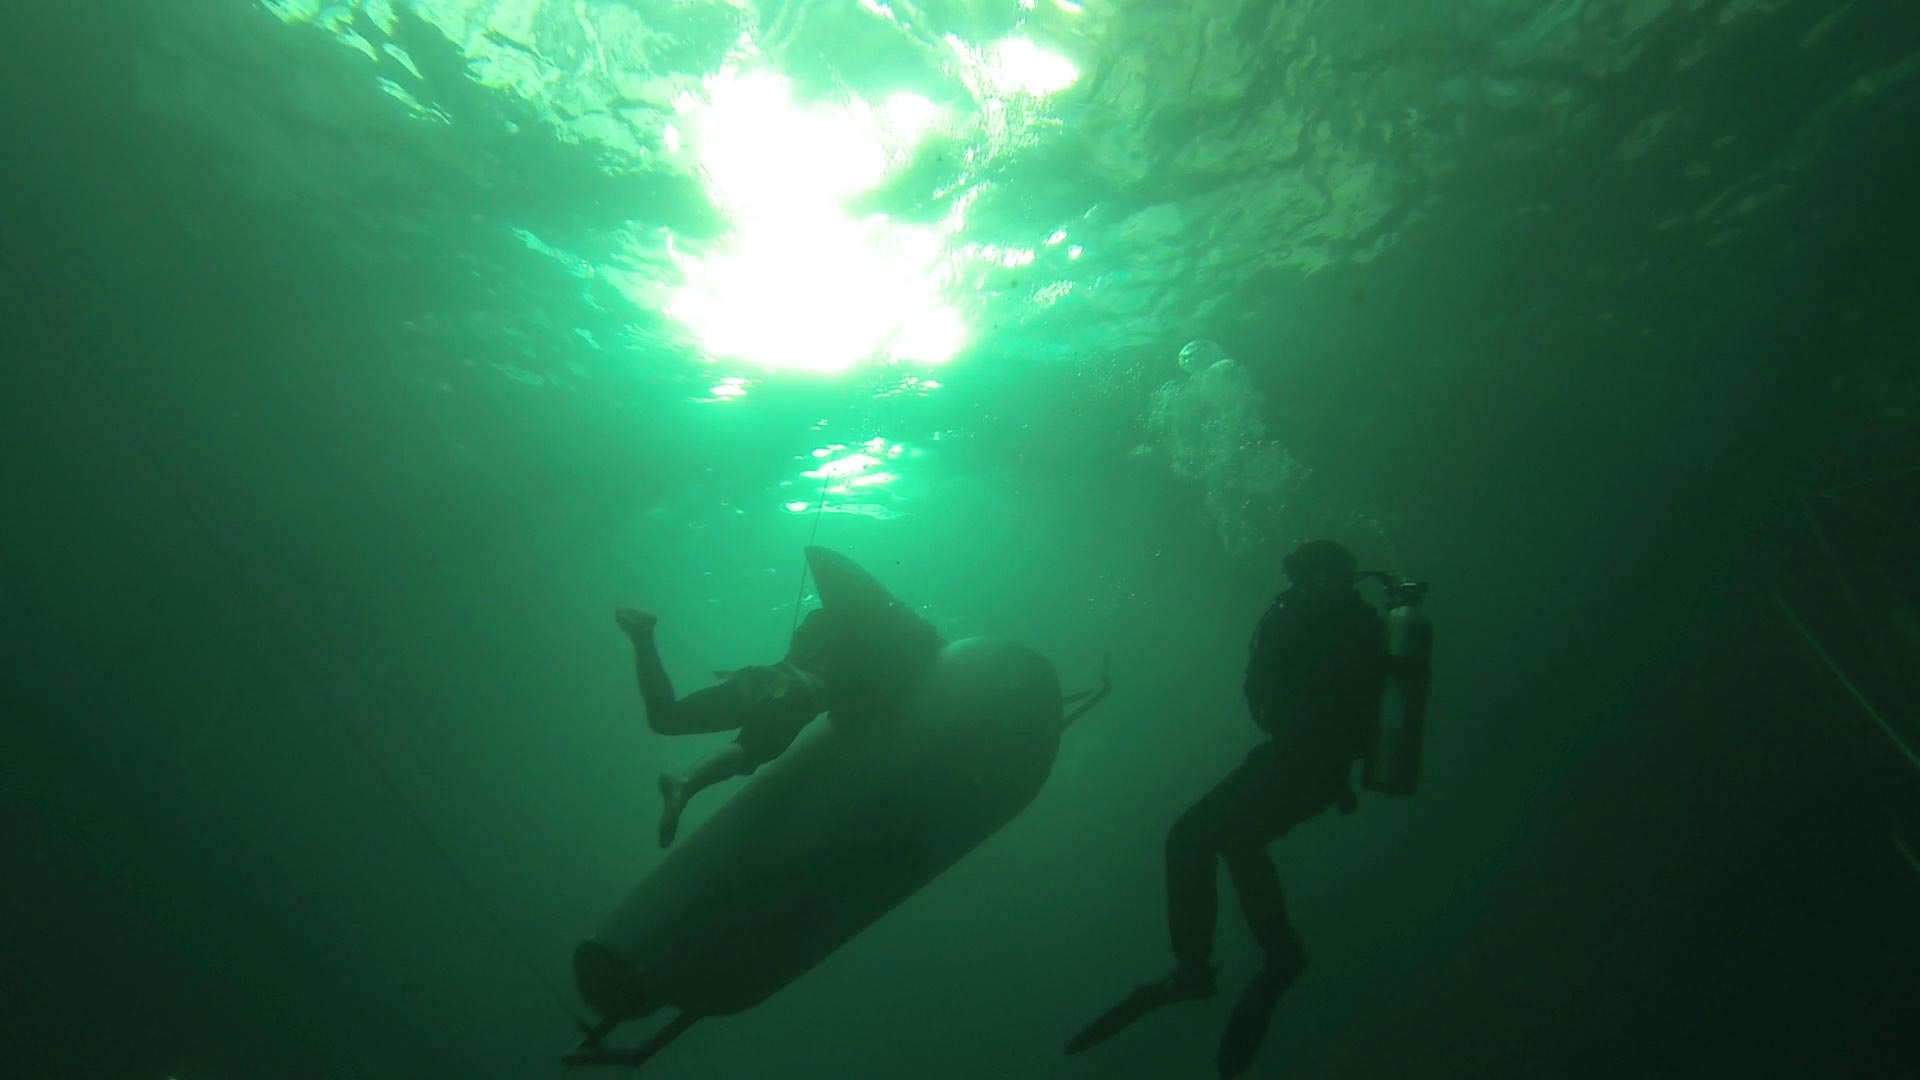 Martin Goeres, MG-Action, Safetydiver, Sicherheitstauchen, Movie, Film, Underwater, unter Wasser, tauchen, Stunt, Action